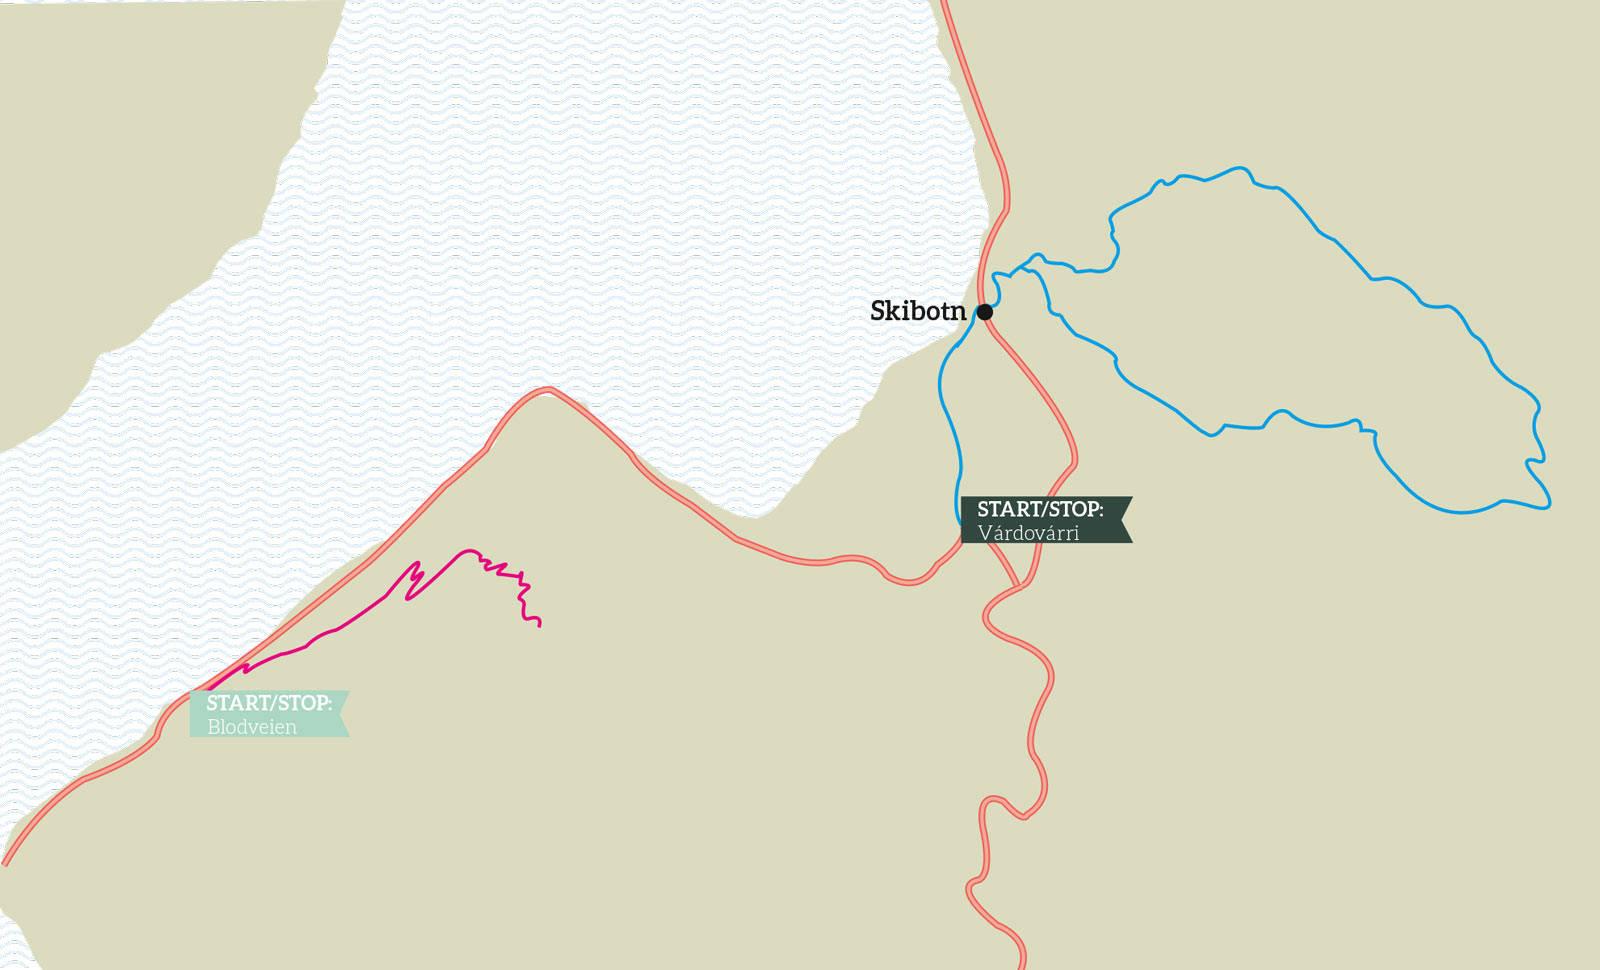 Skibotn-Stisykling-6